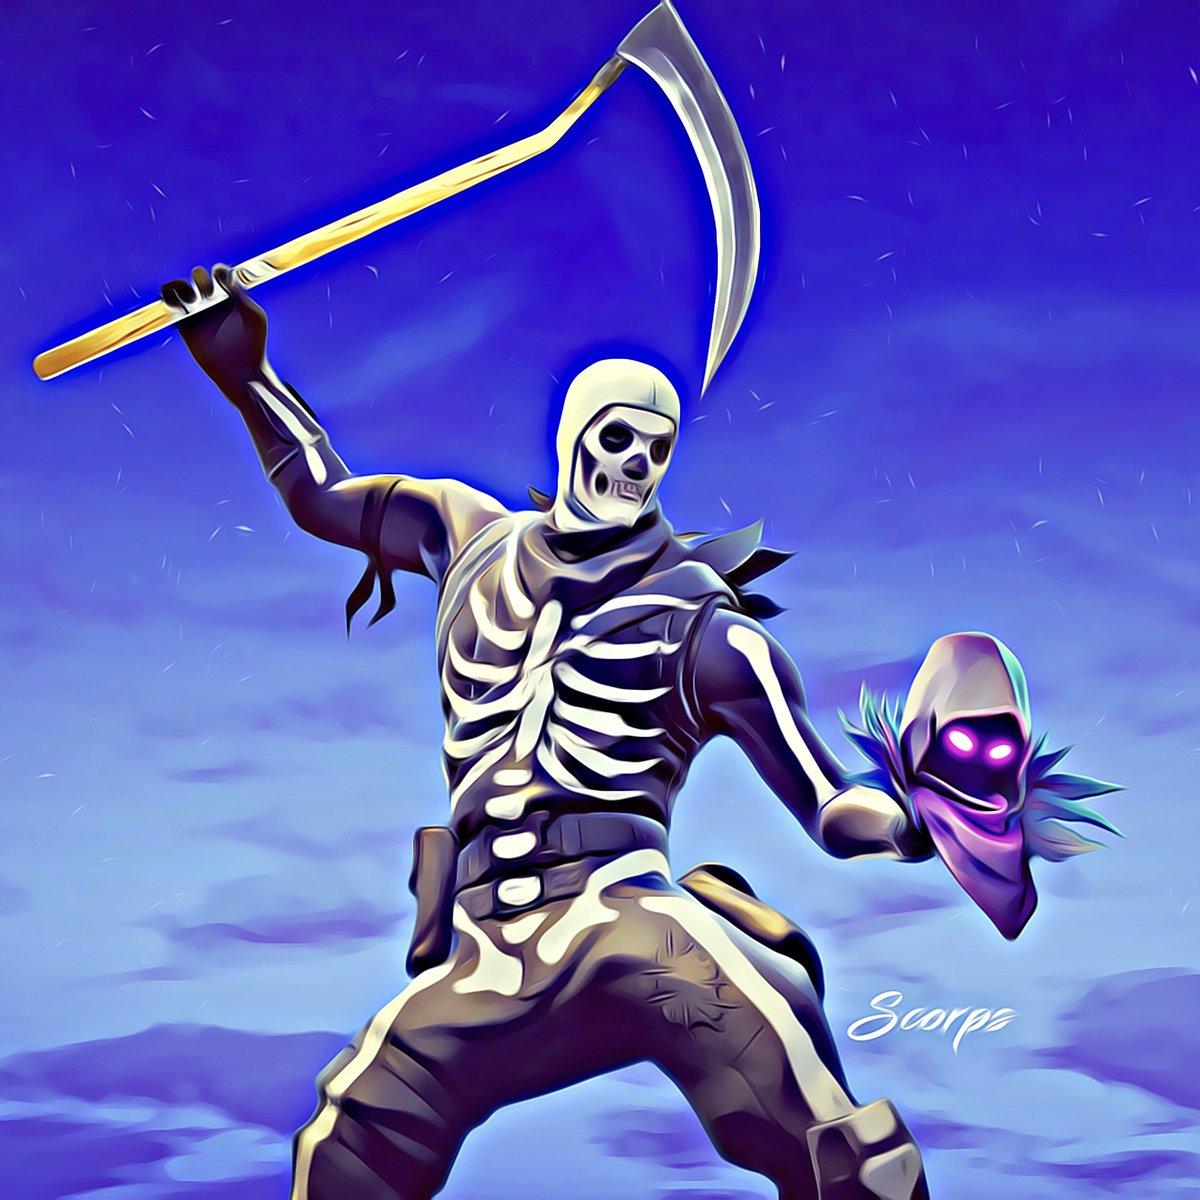 Scorps on Twitter The Skull Trooper vs The Raven FortniteGame 1200x1200